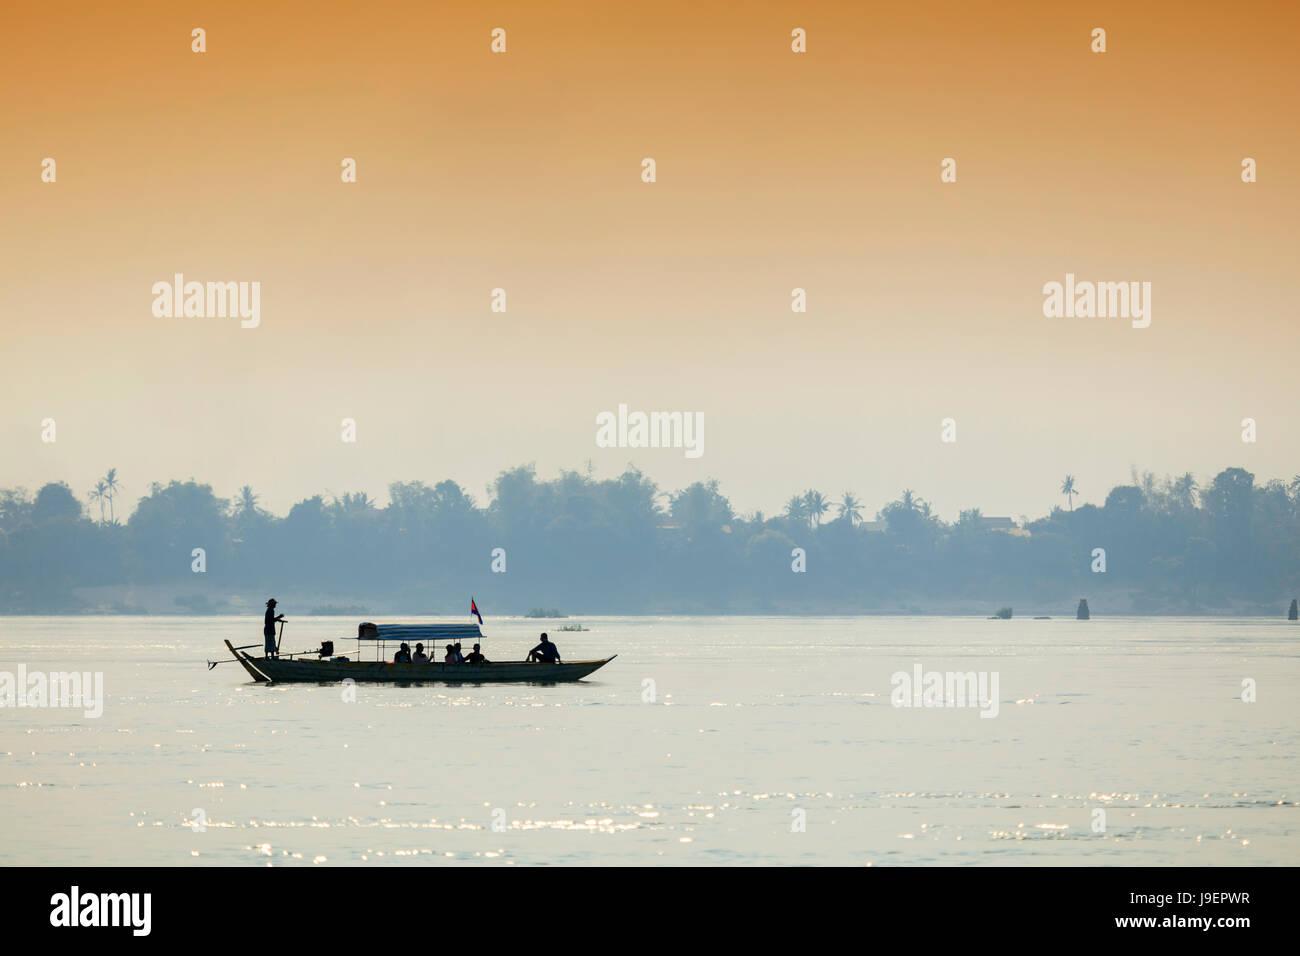 La barca turistica sul fiume Mekong cercando di Irrawaddy delfini di fiume nei pressi di Kratie Foto Stock